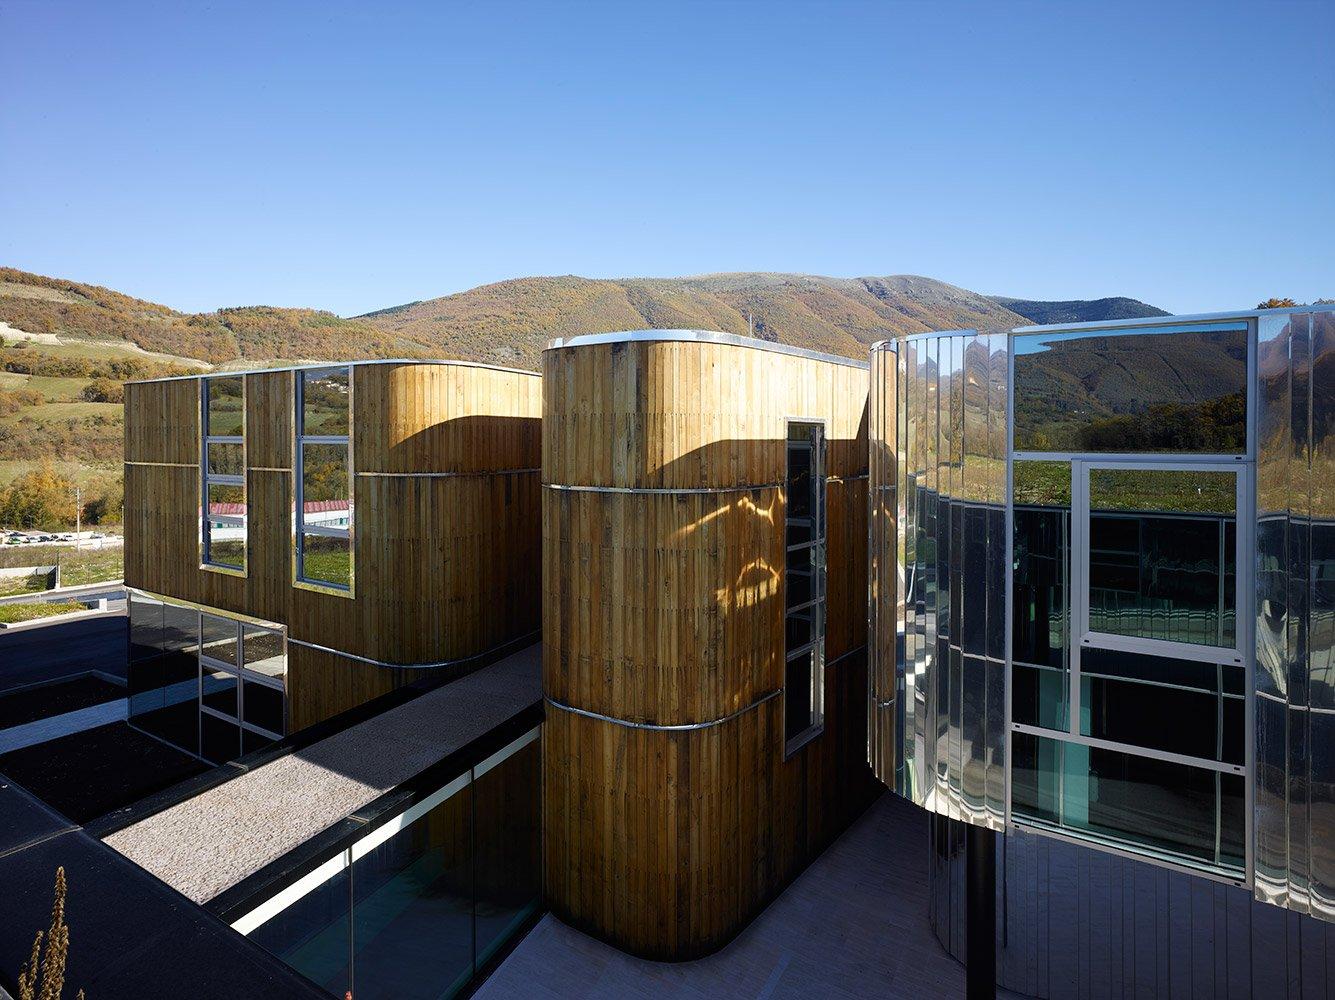 vista del direzionale, volumi rivestiti in legno, acciaio inox e vetro, connesso alla parte produttiva mediante un tunnel di collegamento vetrato